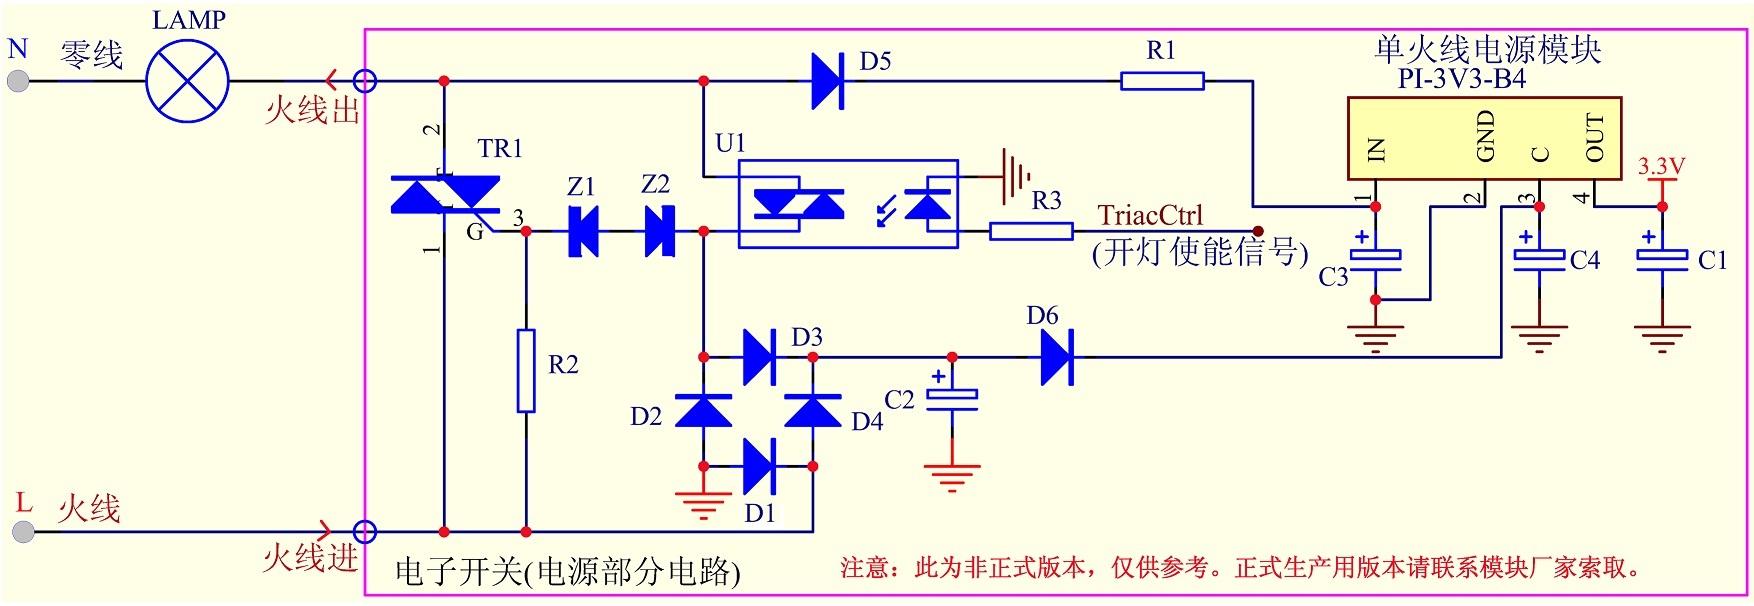 单火取电方案电路原理图